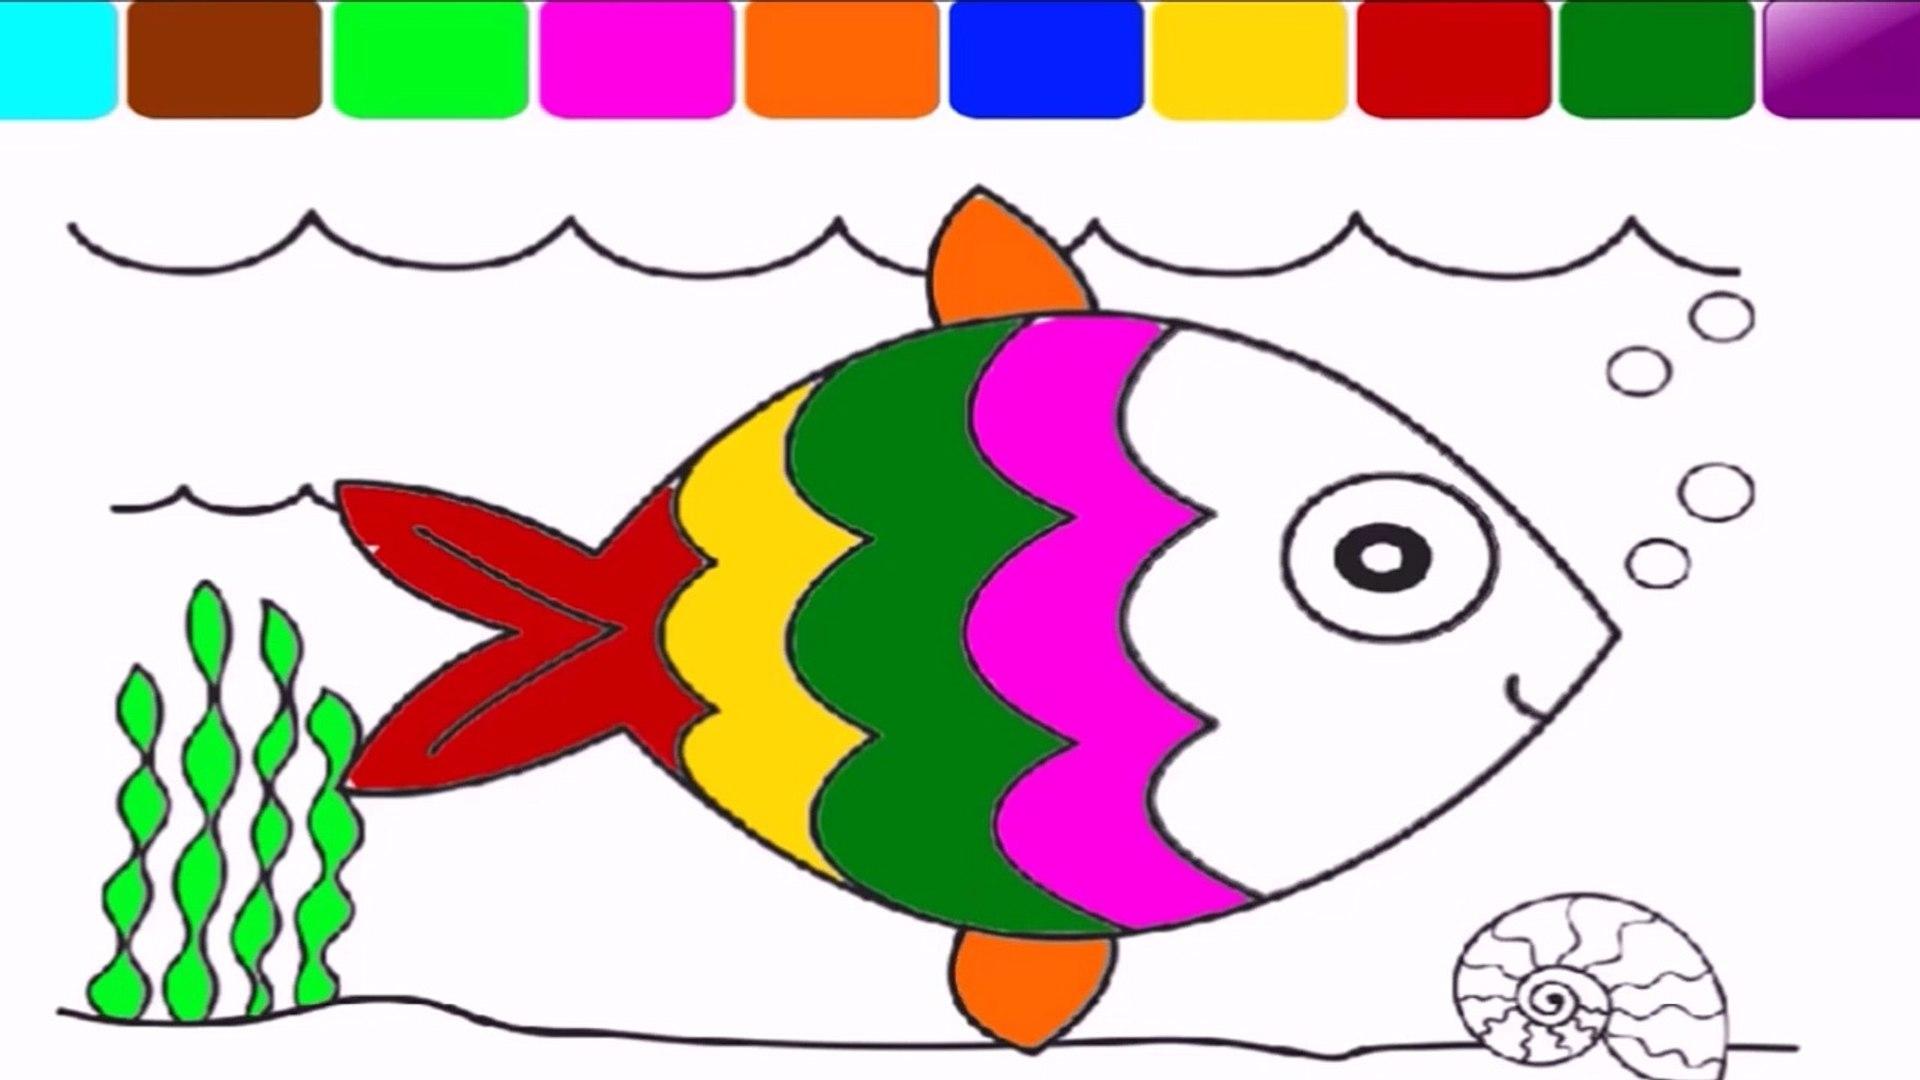 Cocuklar Icin Renkler Ogrenin Ve Renkli Balik Boyama Sayfasi